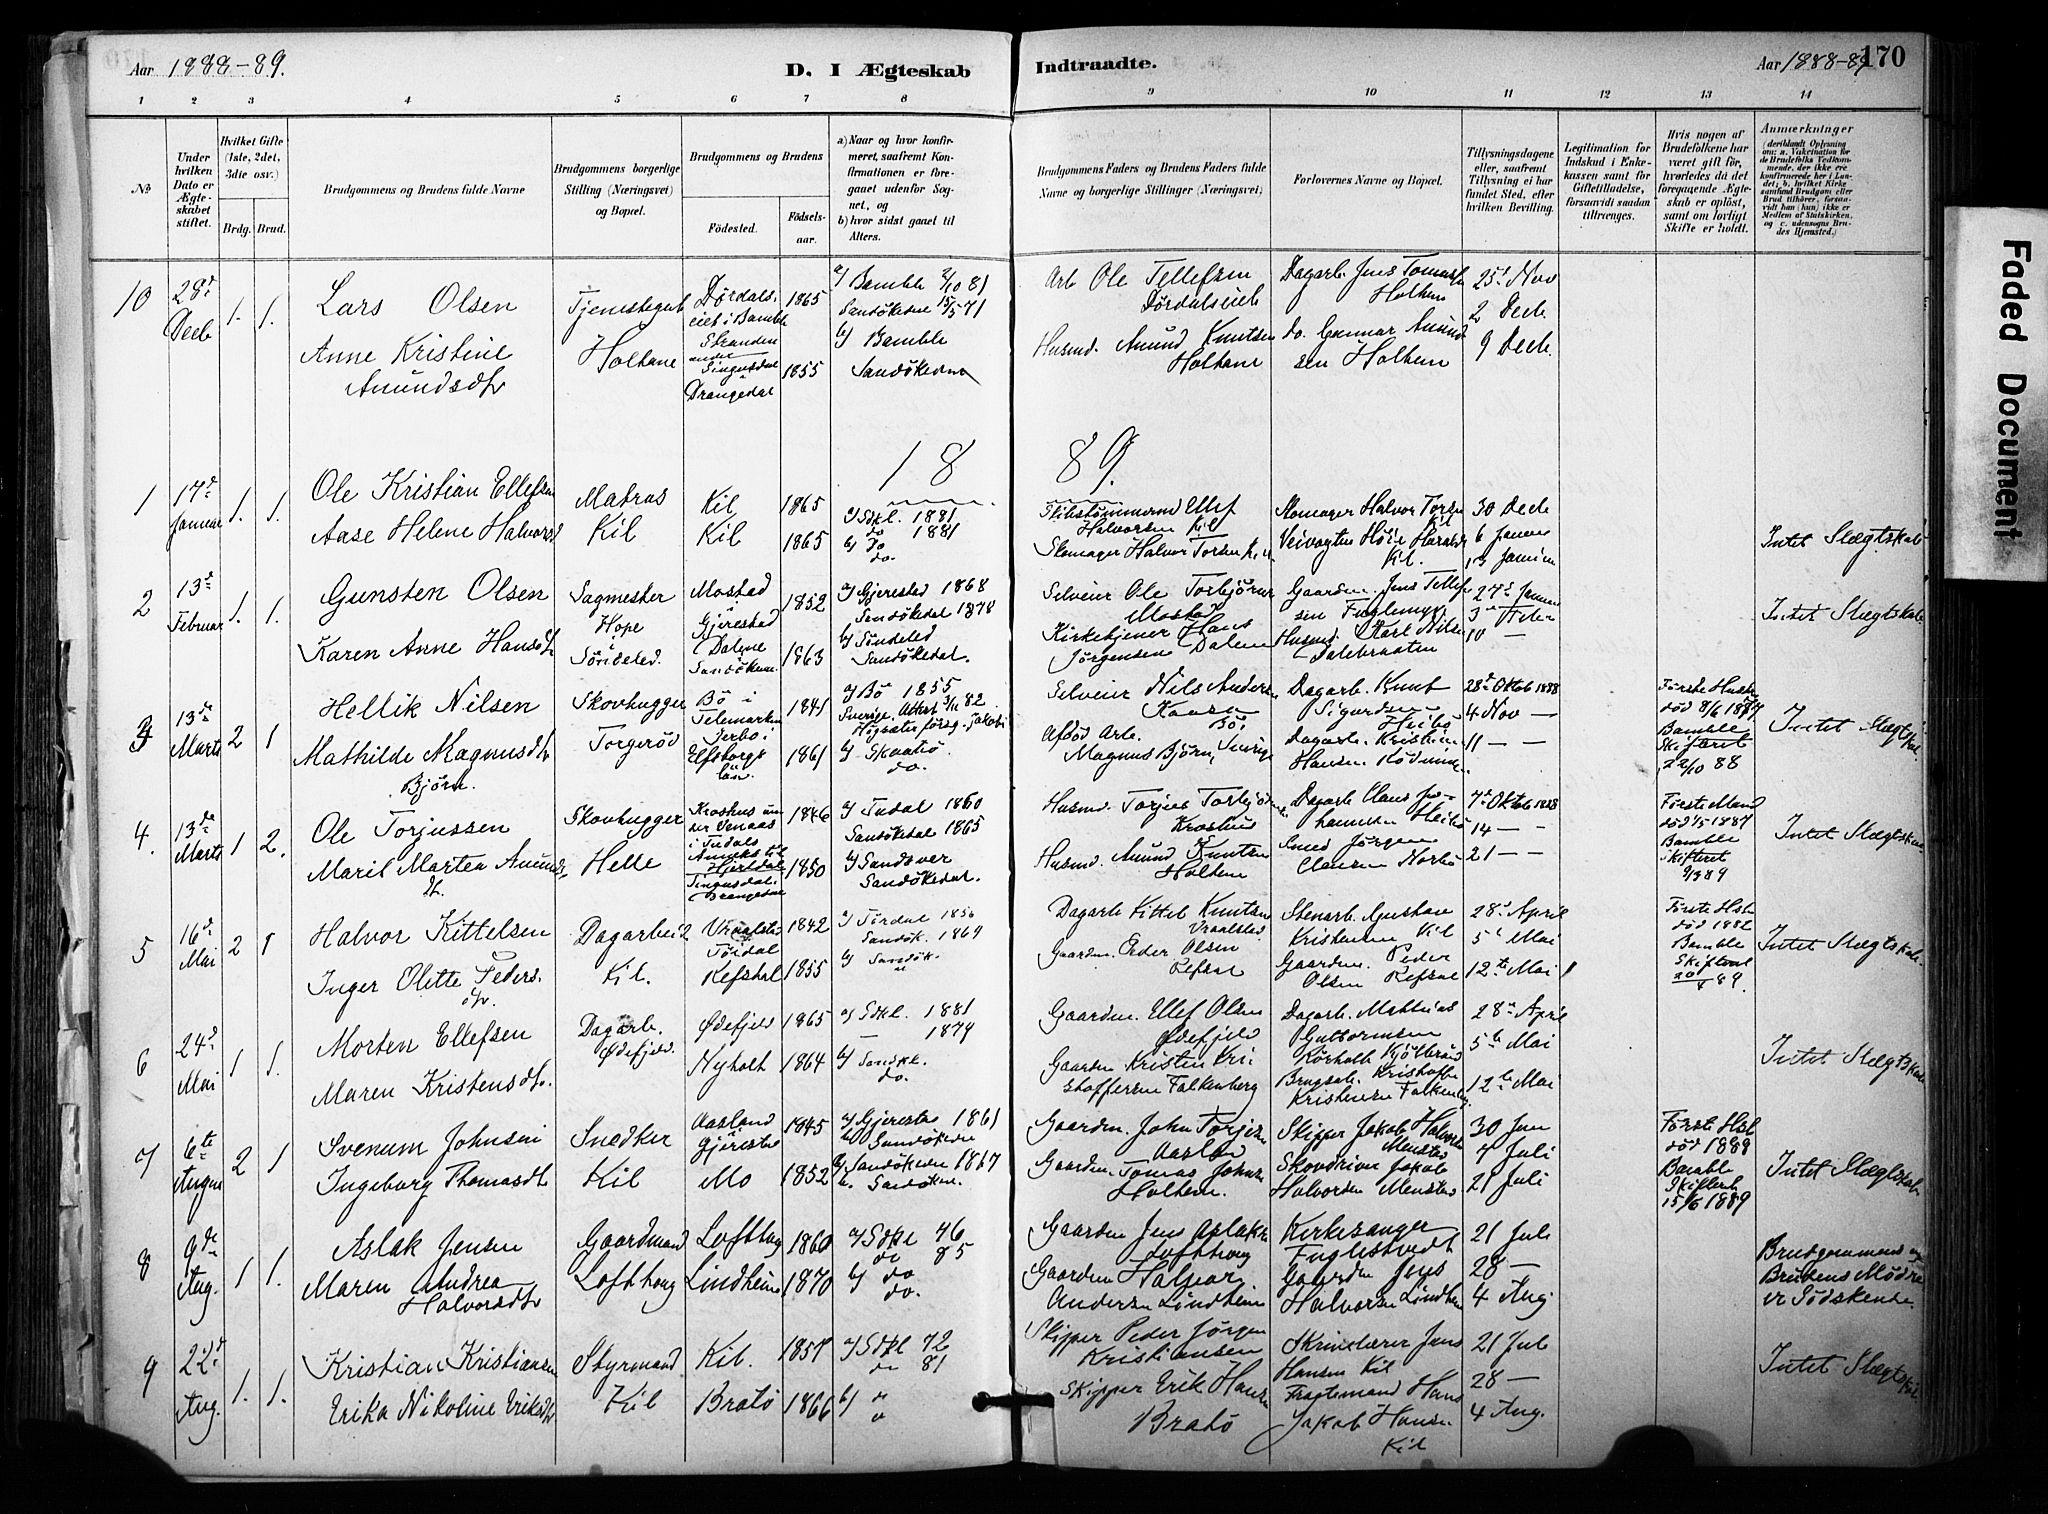 SAKO, Sannidal kirkebøker, F/Fa/L0015: Ministerialbok nr. 15, 1884-1899, s. 170